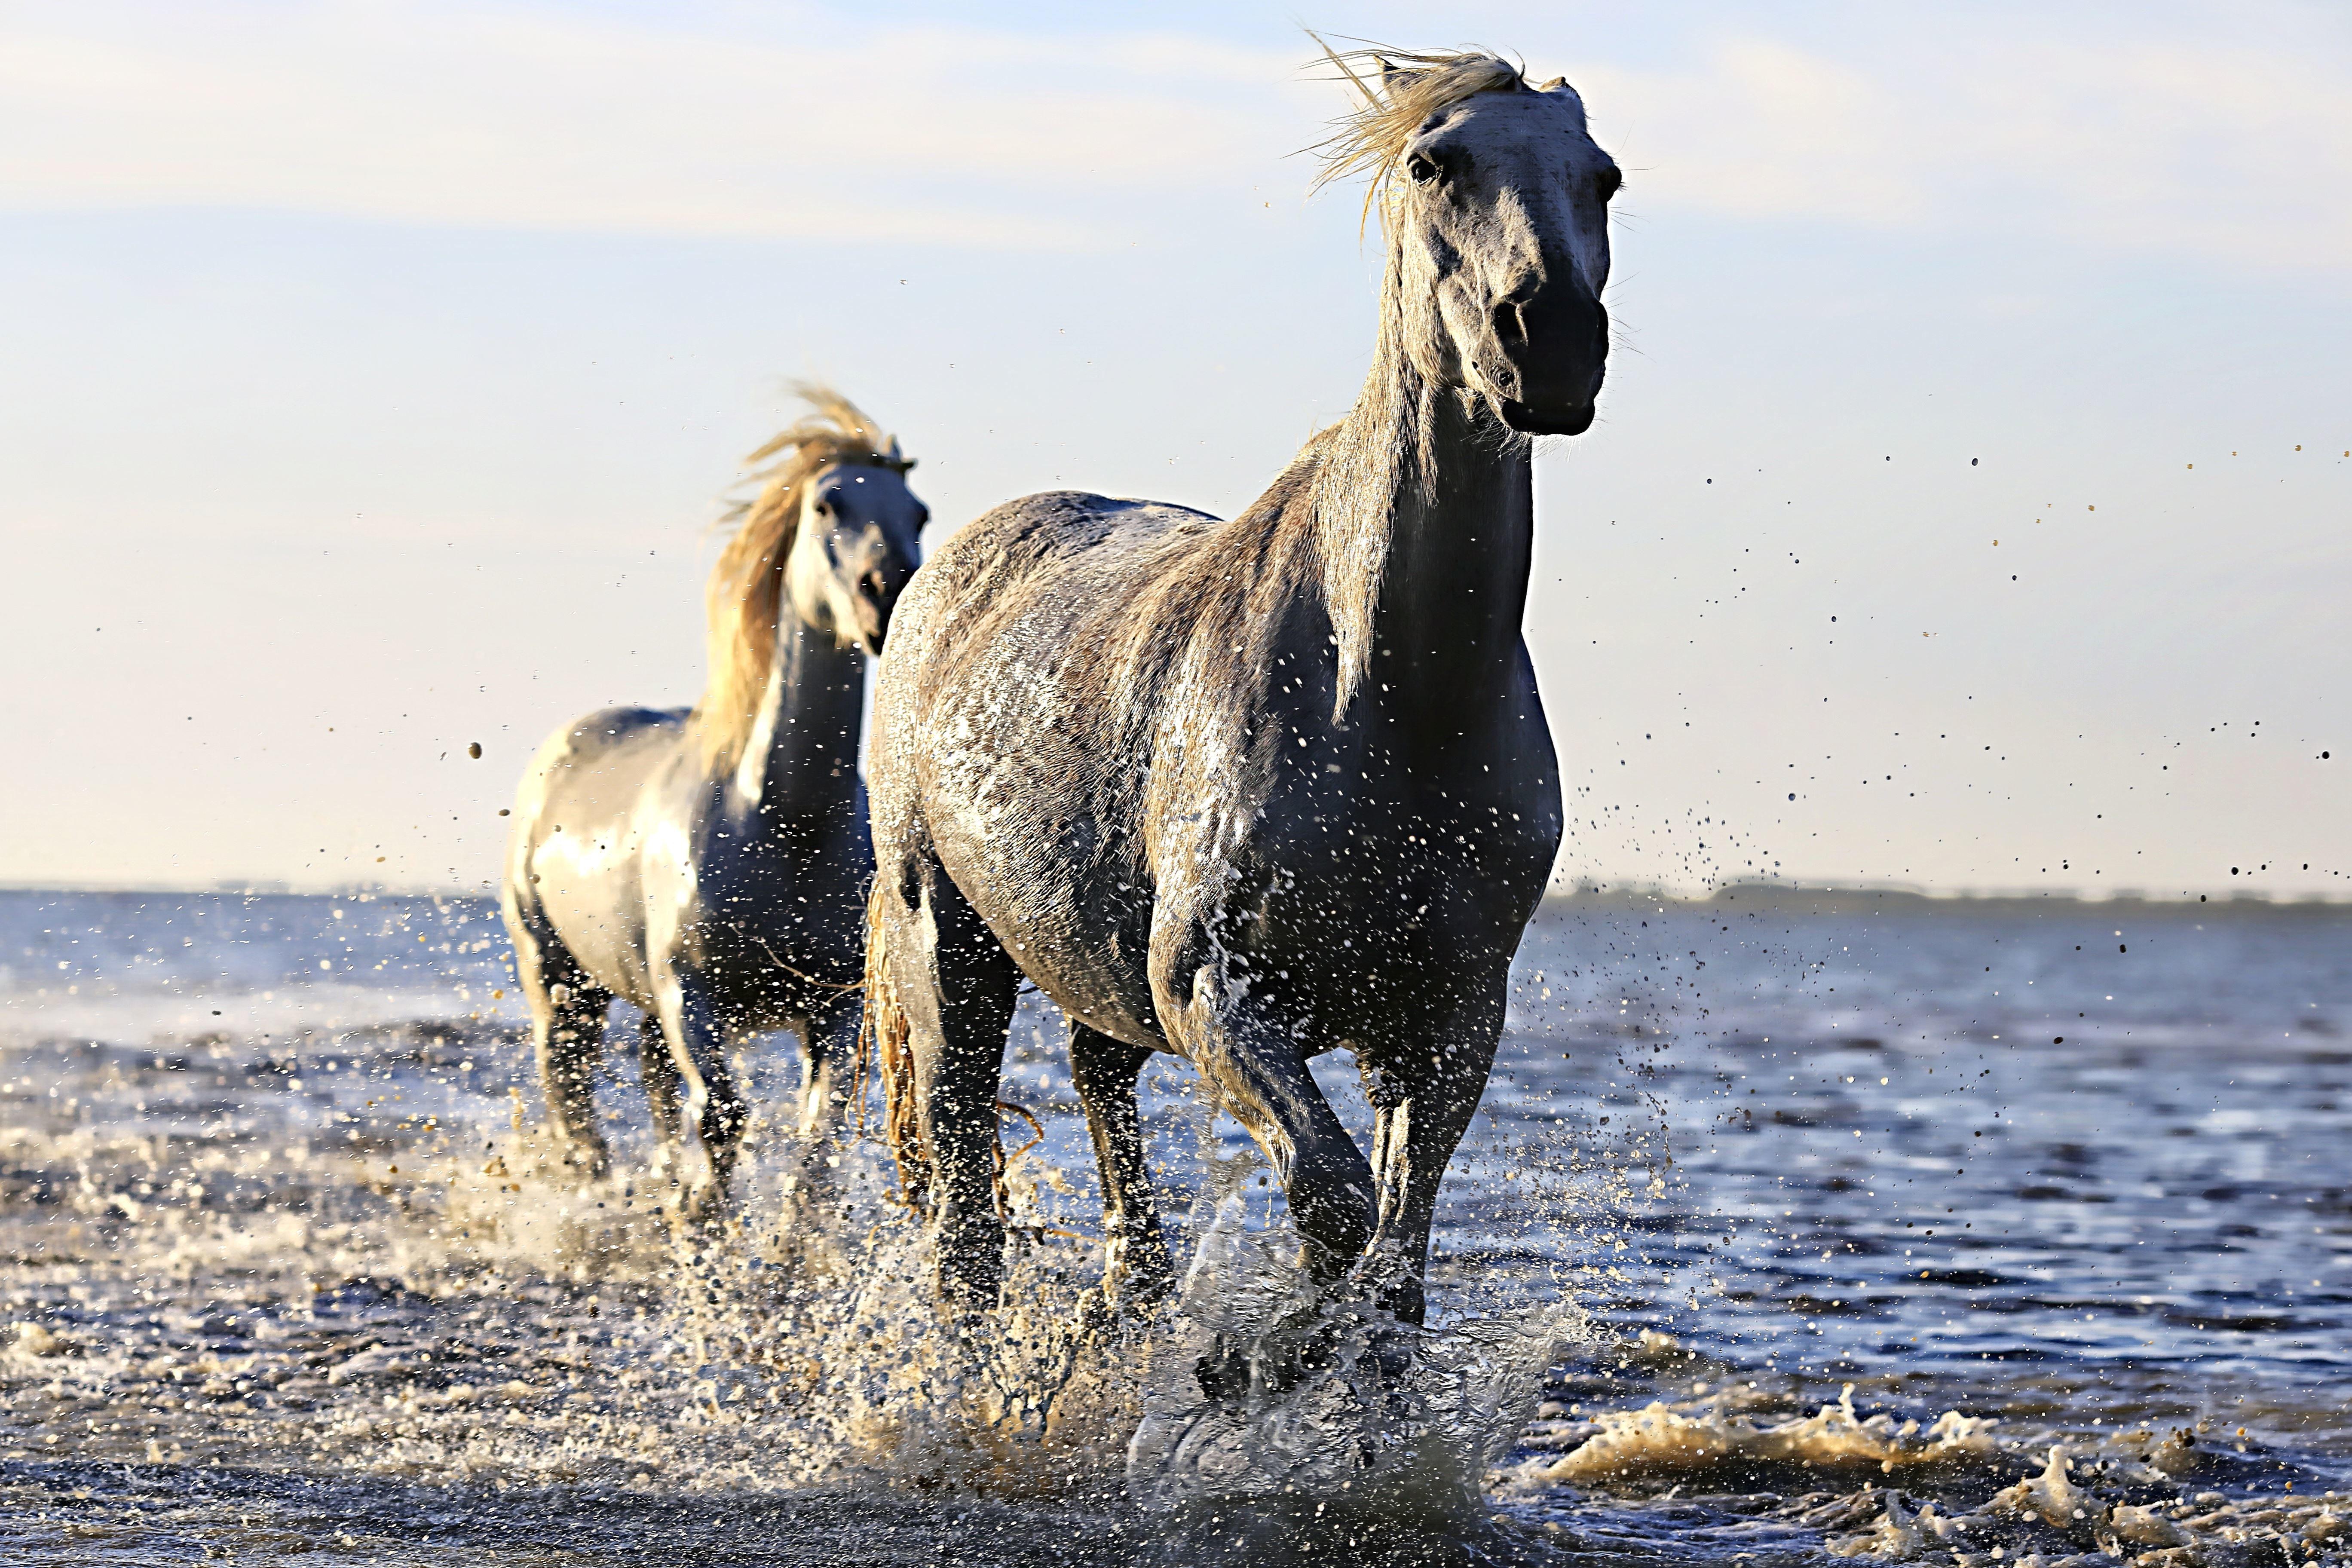 выпуска, дикая лошадь картинка знаменитой картине ноэ